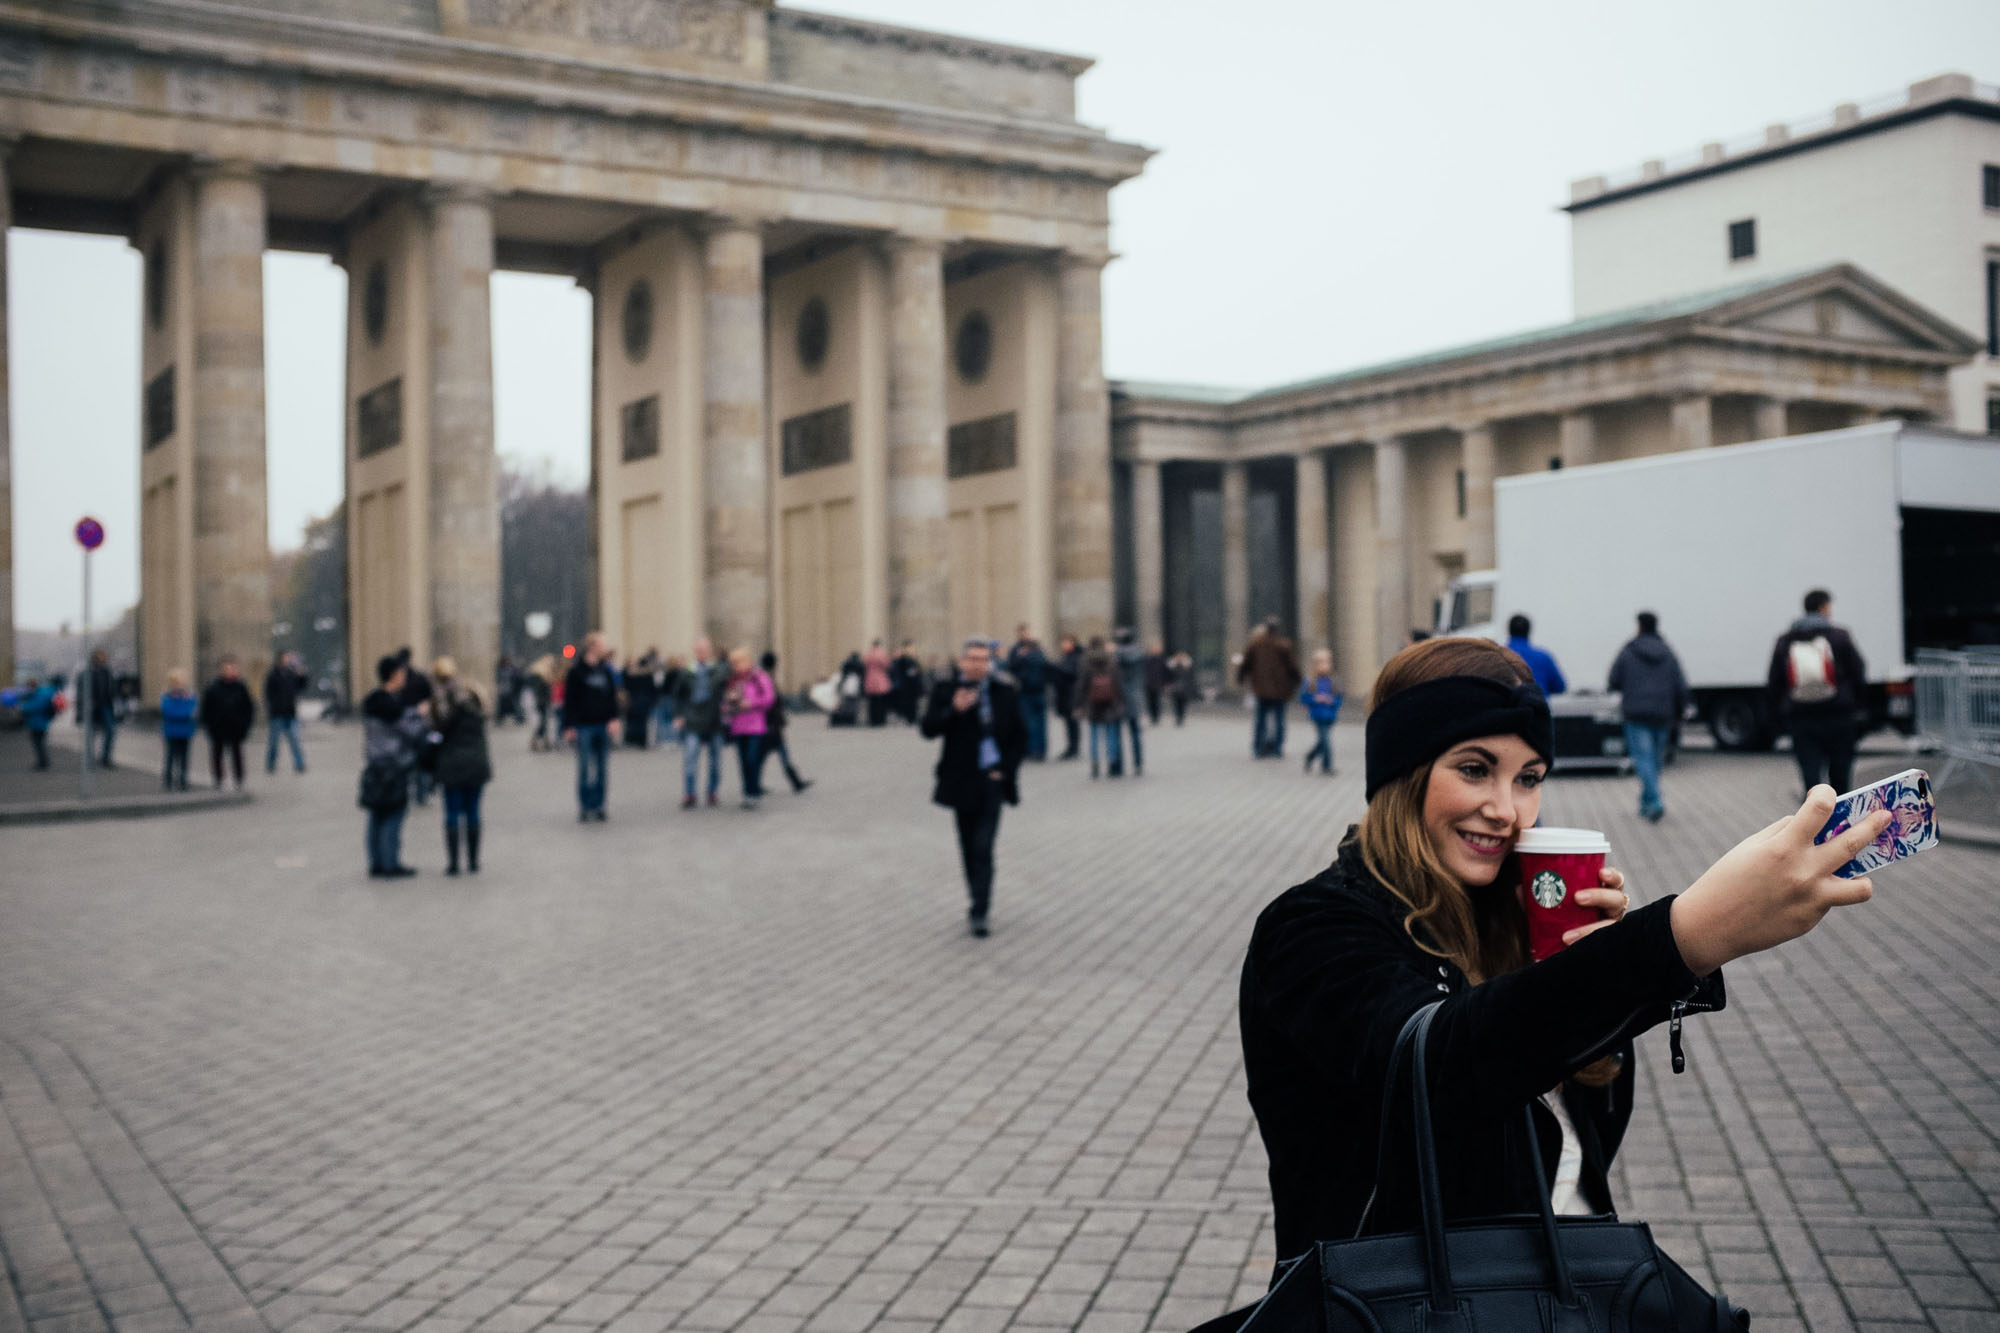 02_jens_quasten_berlin_tourismus